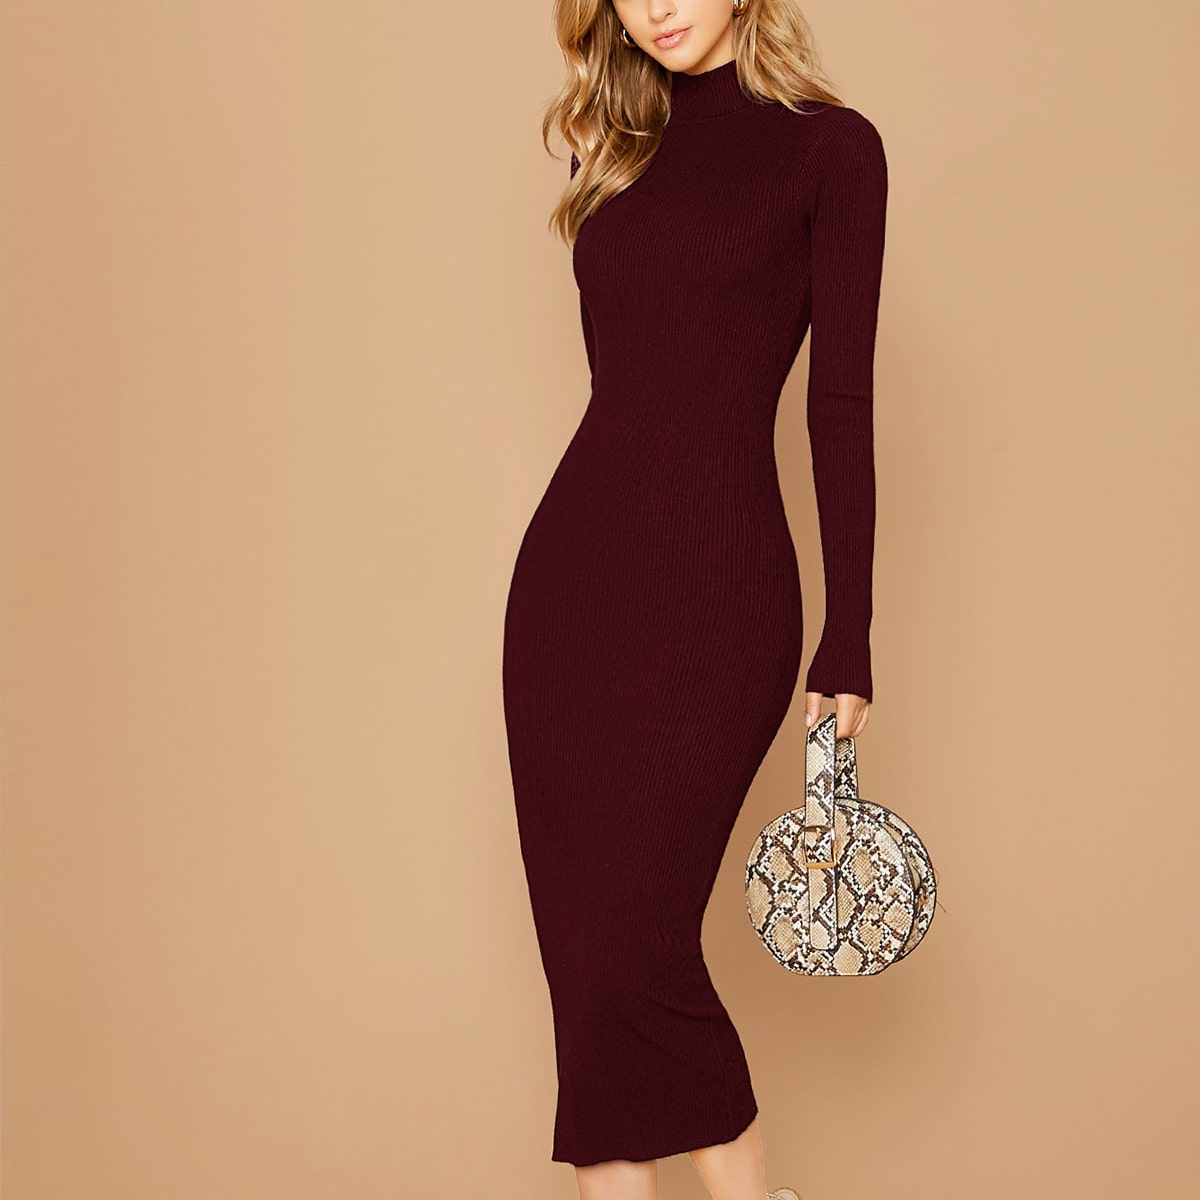 Облегающее вязаное платье в рубчик